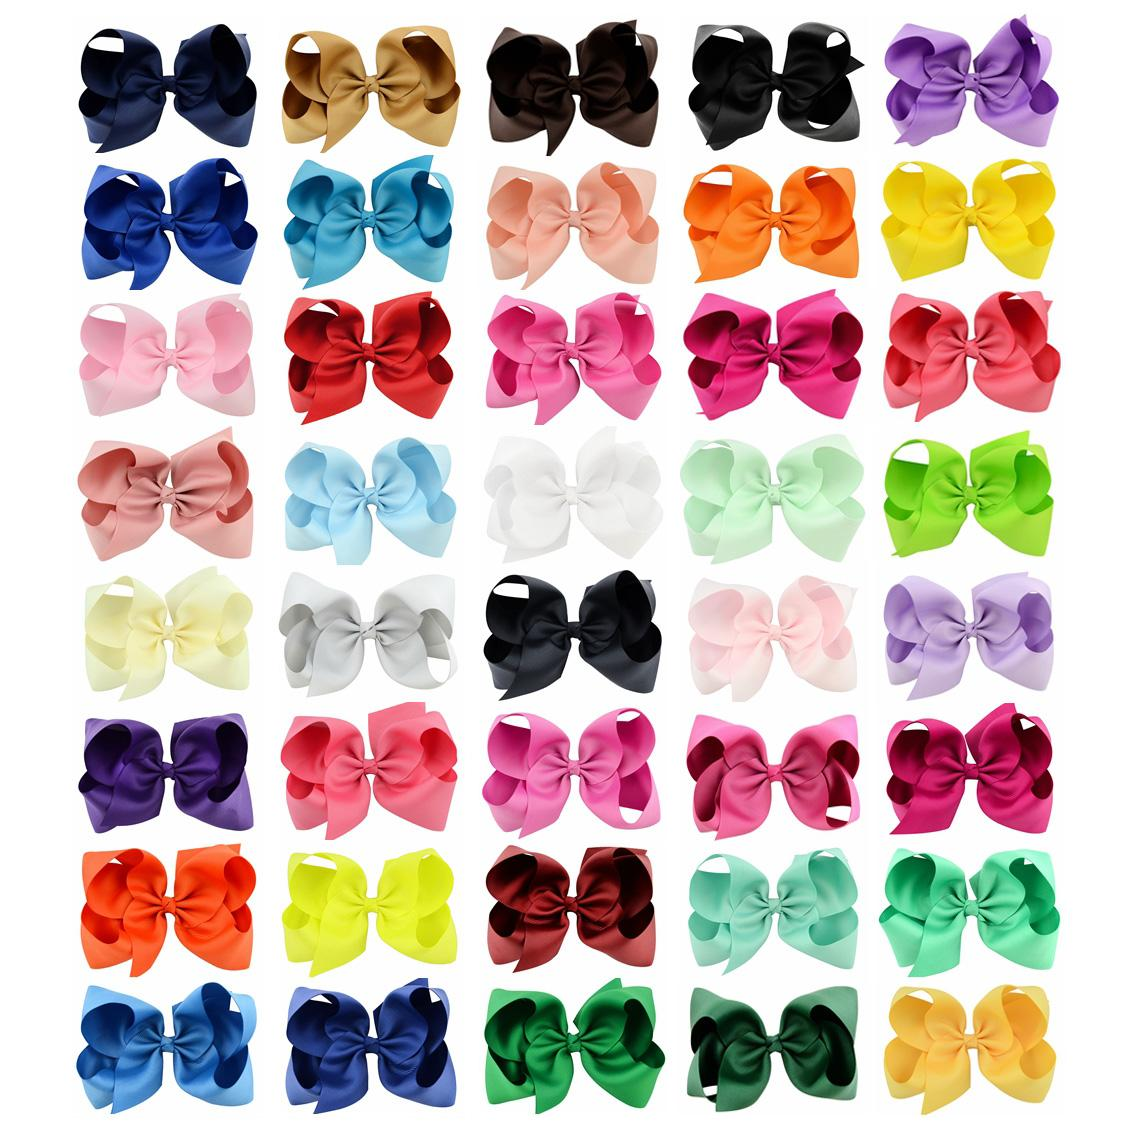 40 colores 6 pulgadas de moda bebé cinta de cinta clips de horquilla chicas gran bowknot banderret kids pelo boutique arcos niños accesorios para el cabello kfj125